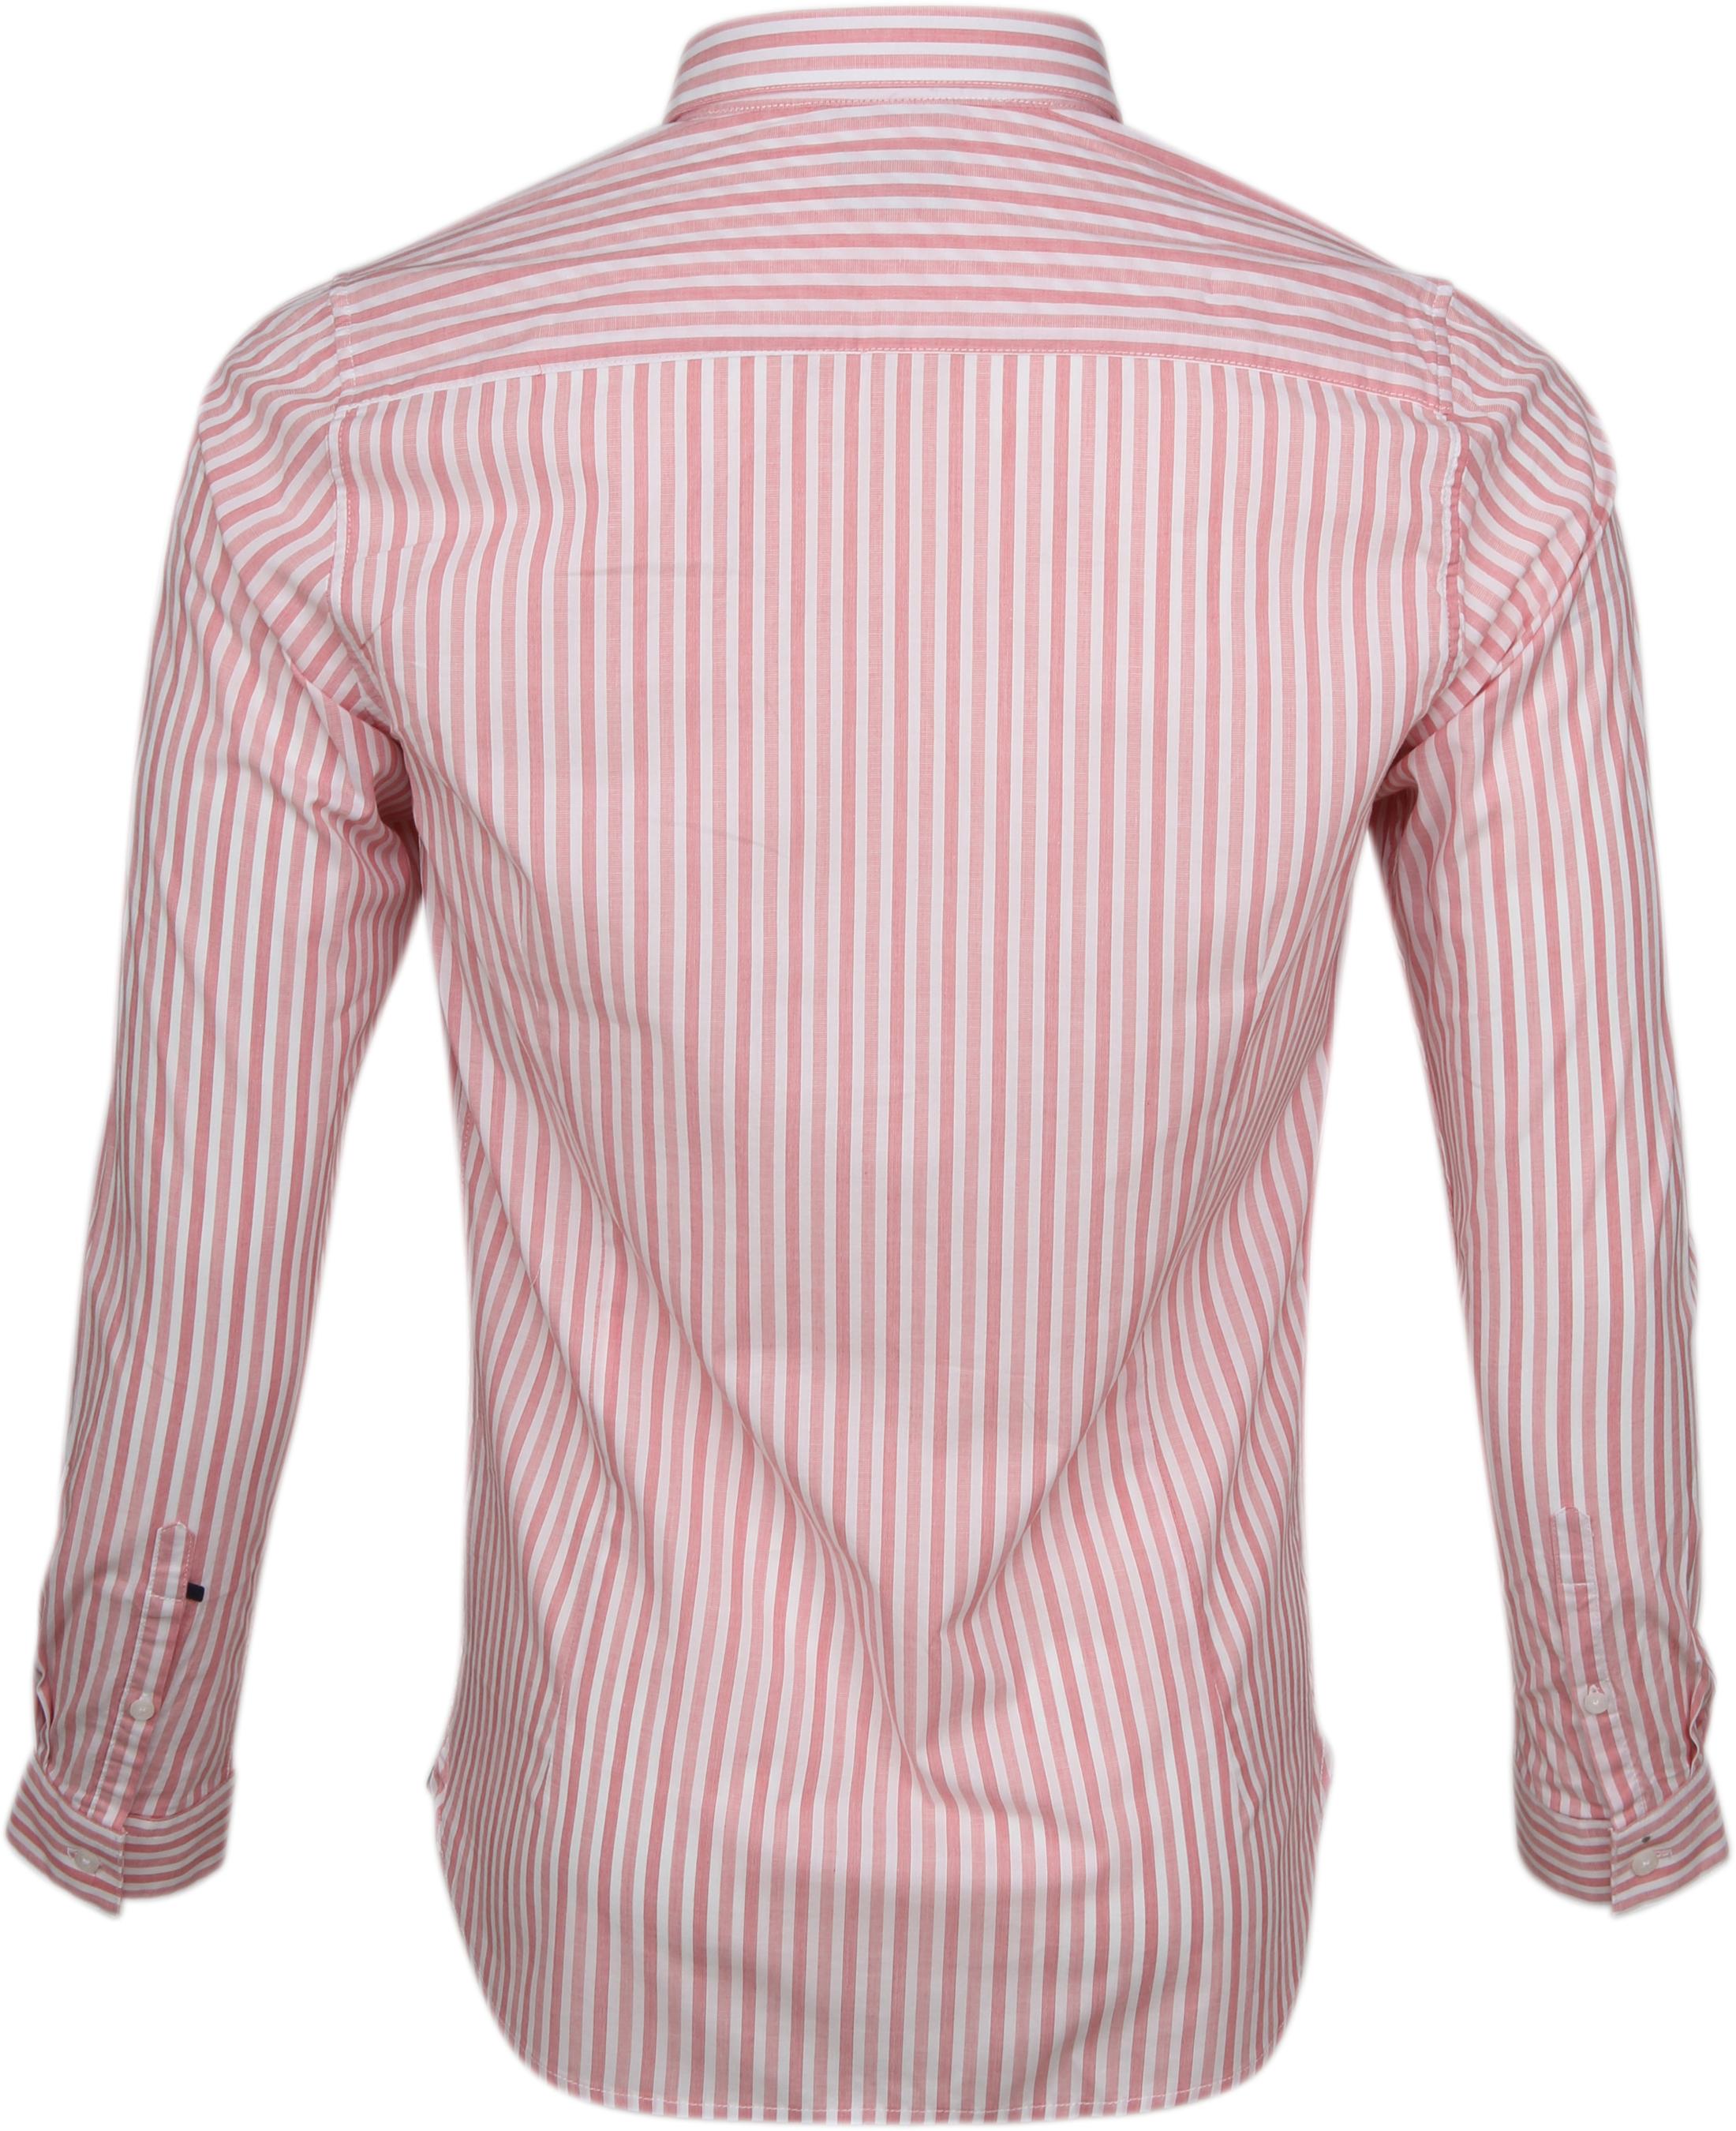 Dstrezzed Shirt Streifen foto 2